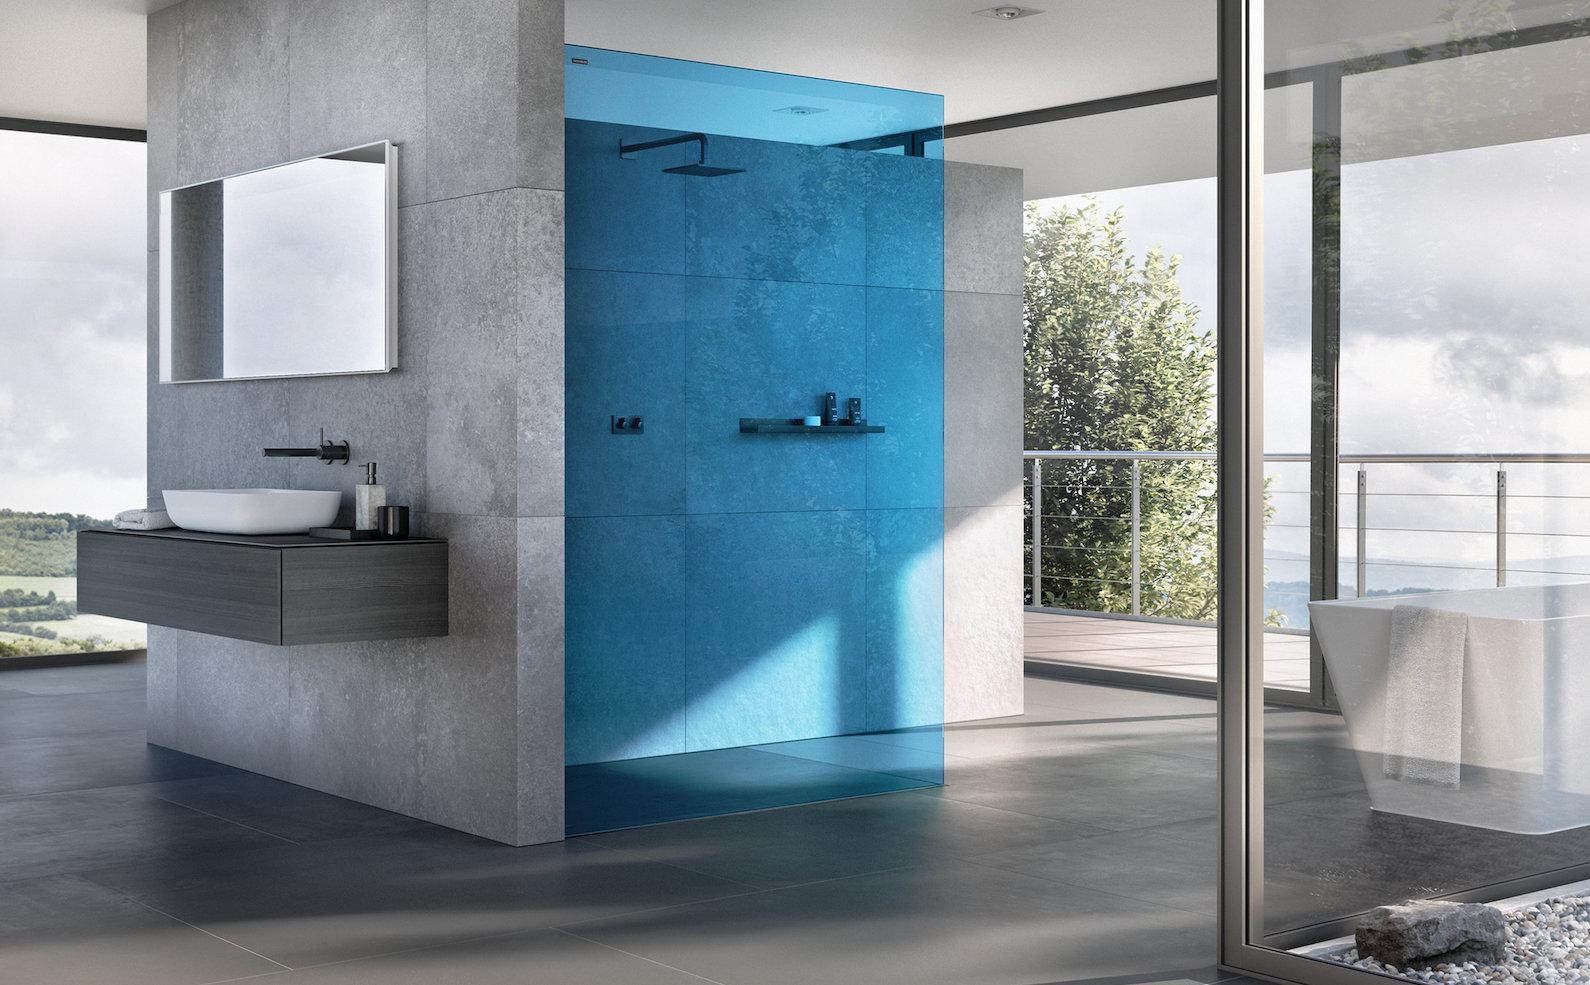 Bodengleiche Dusche Duschflache Oder Fliesen Ideen Und Tipps Zur Badplanung Badratgeber Com